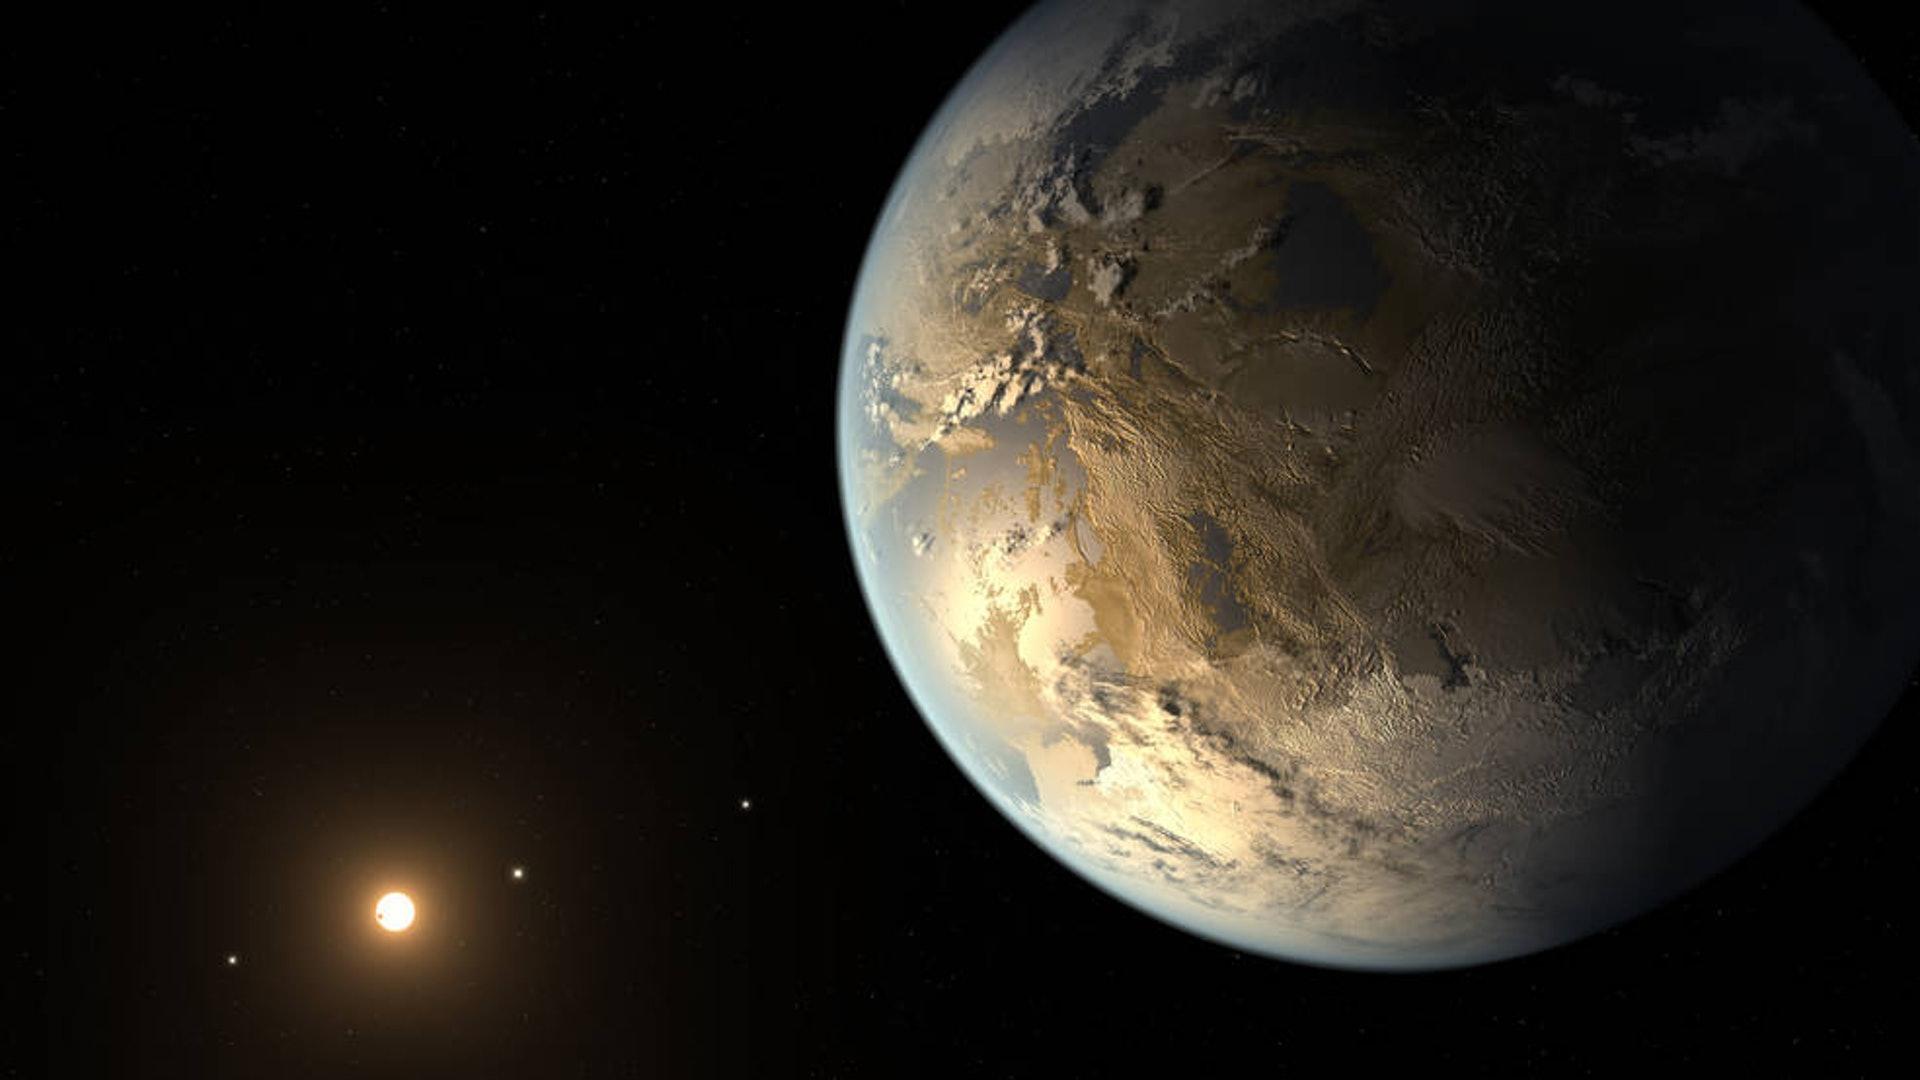 美國太空總署(NASA)近年積極透過開普勒太空望遠鏡,嘗試尋找「地球2.0」, 圖為畫家筆下的開普勒186-f。(美國太空總署)